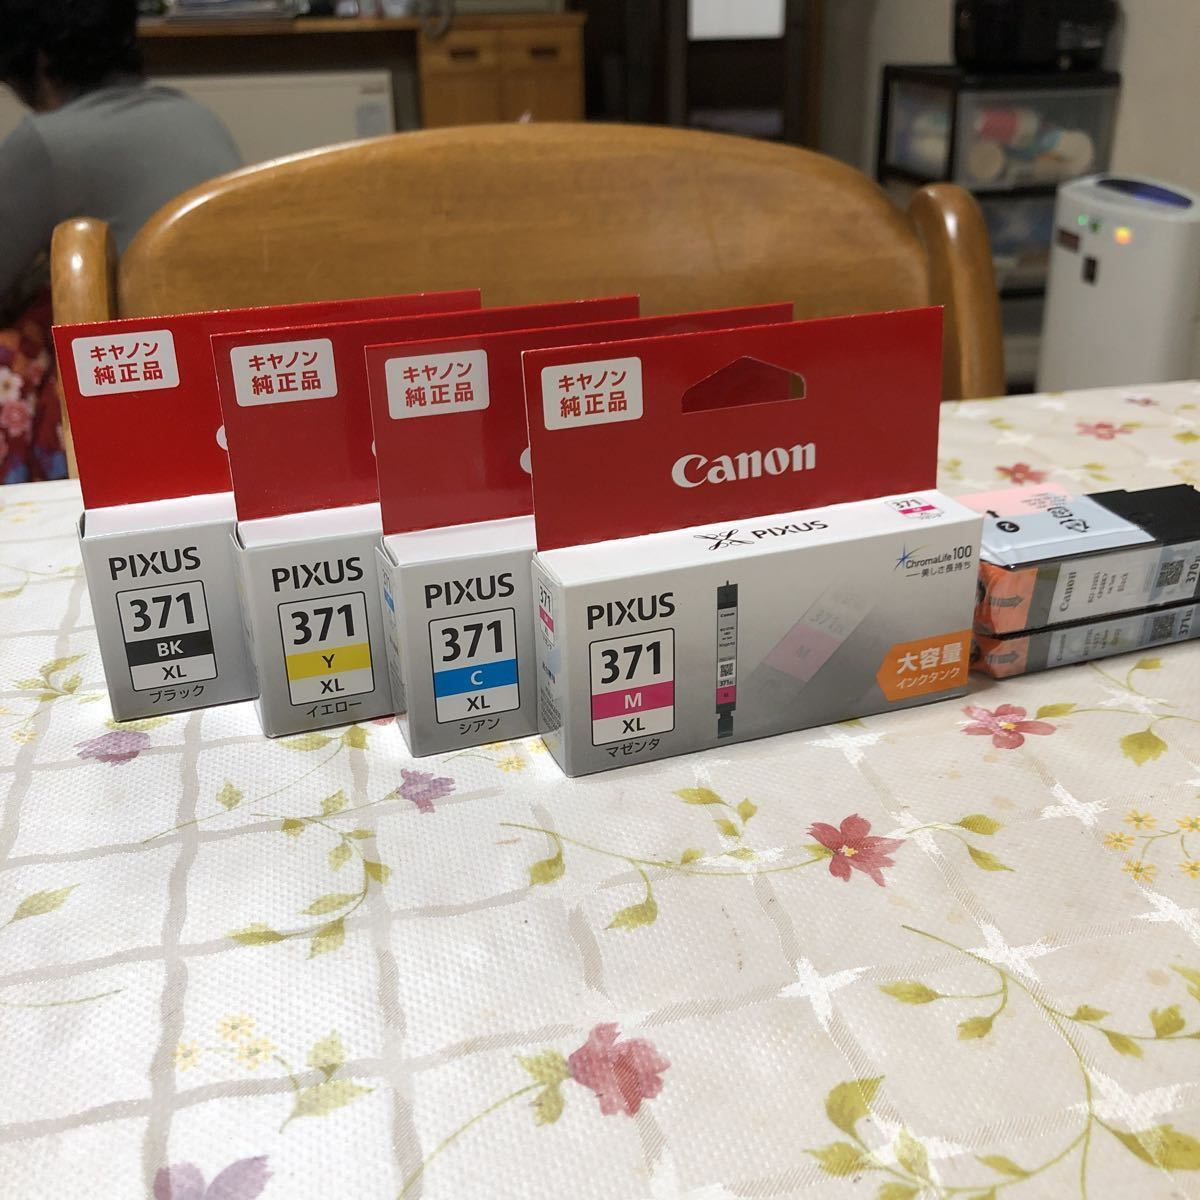 キャノン純正■新品■BCI-371XL+370XL(増量タイプ)6色マルチパック 未開封6本セット、送料198円_画像3